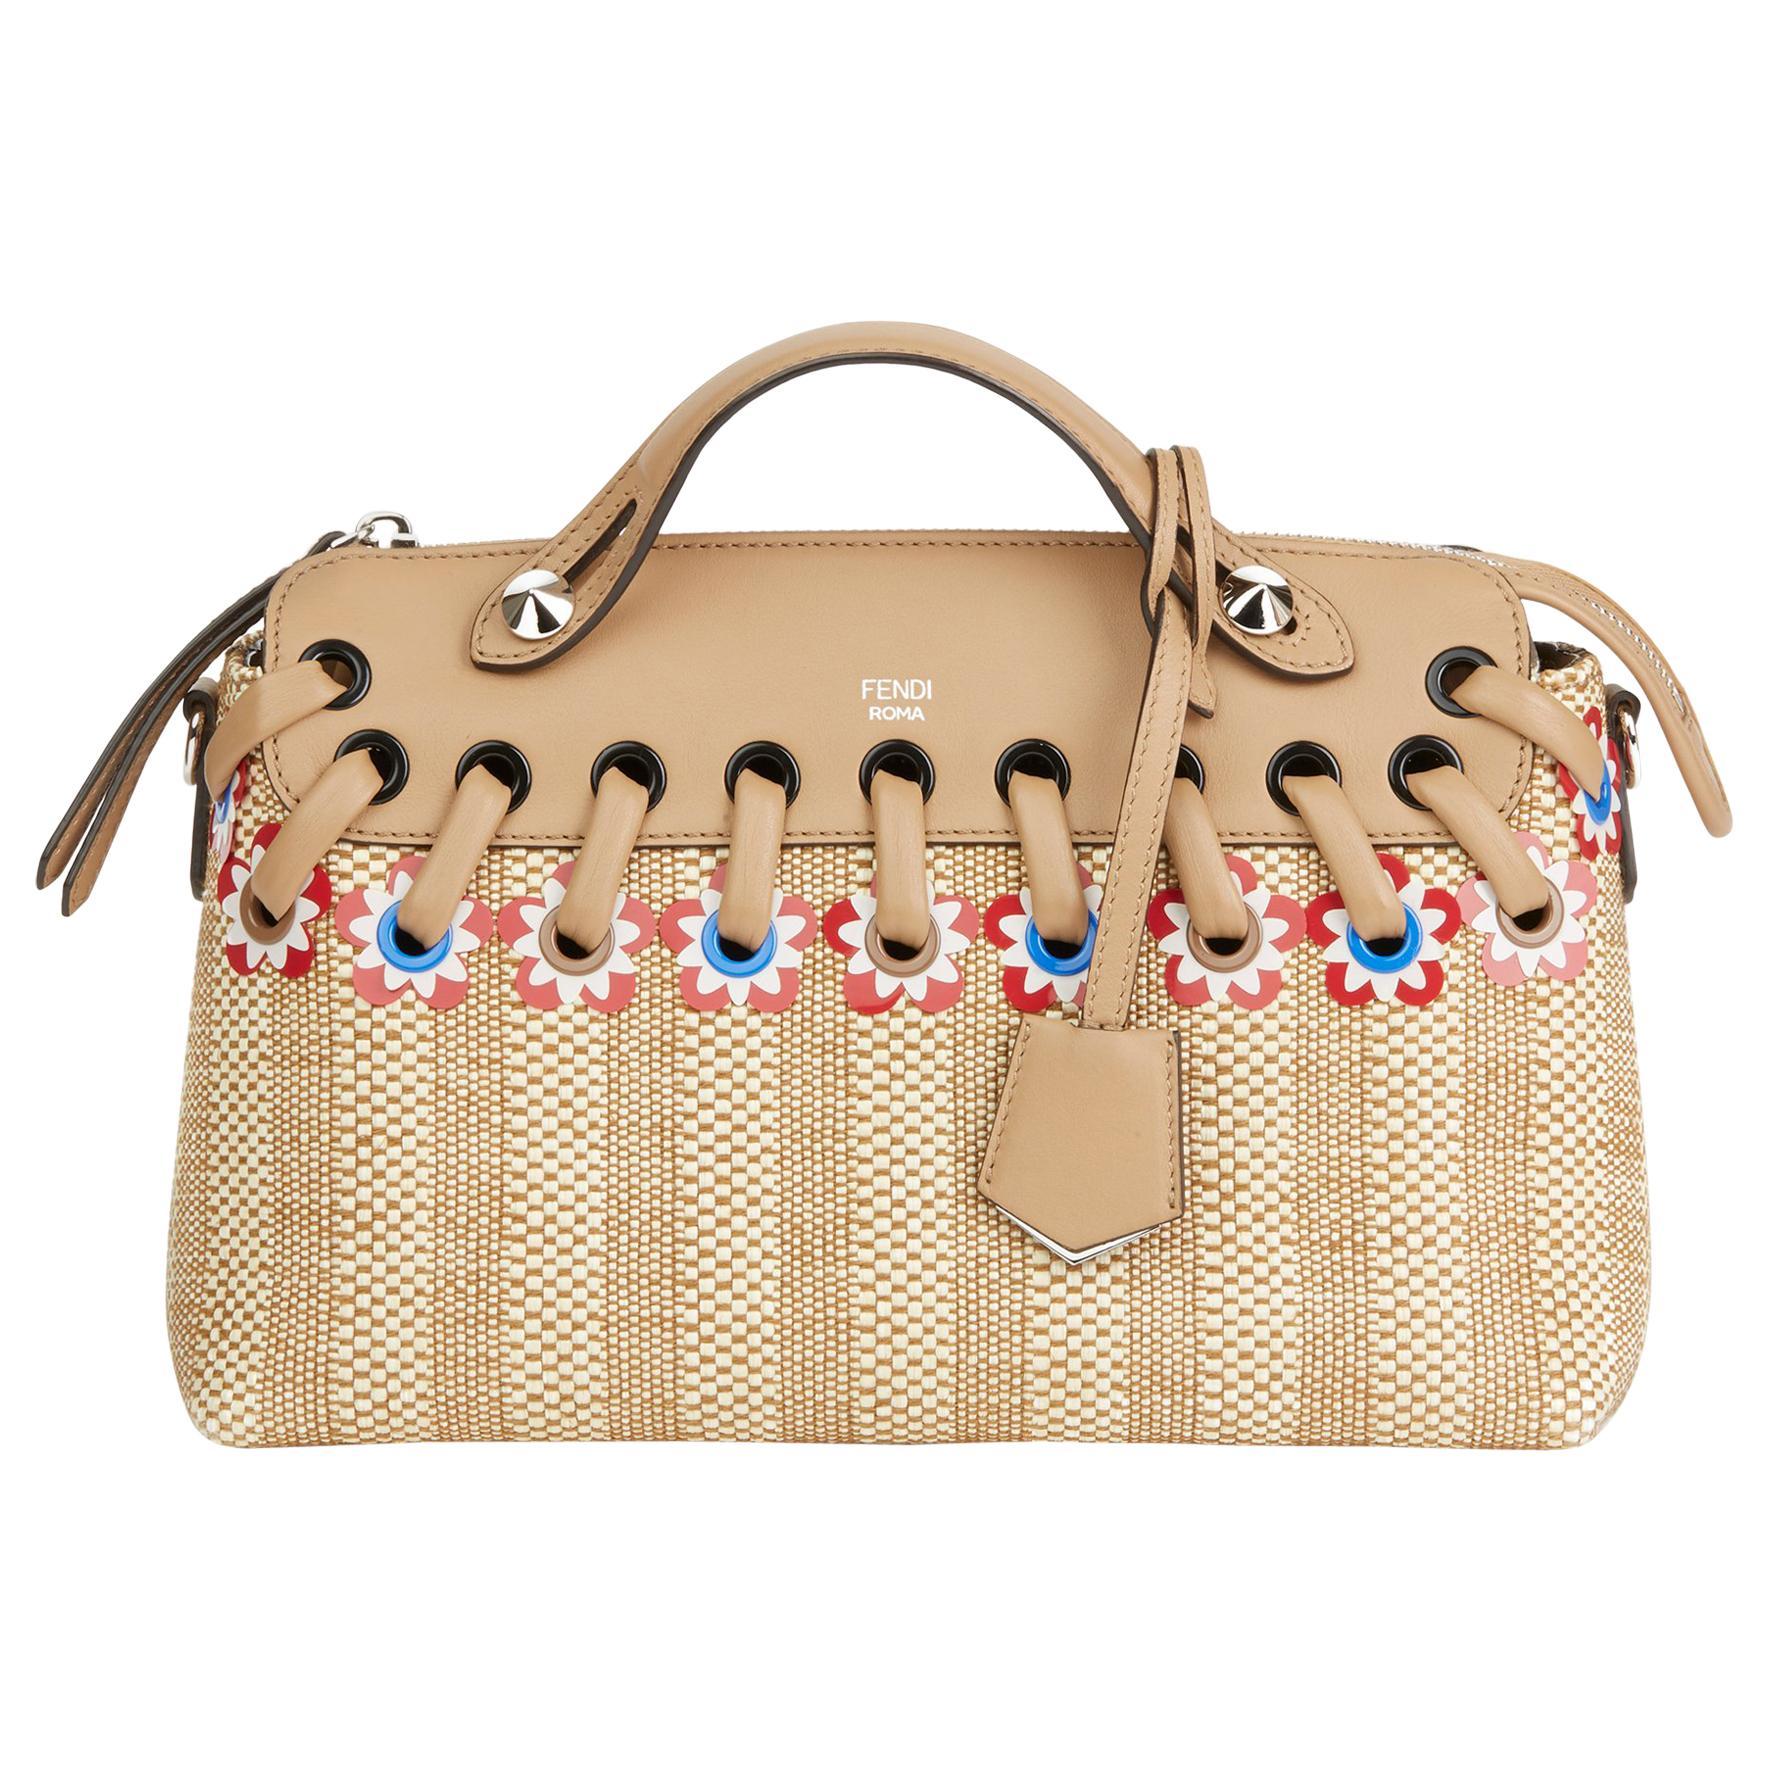 9059c112148f Vintage Fendi Shoulder Bags - 410 For Sale at 1stdibs